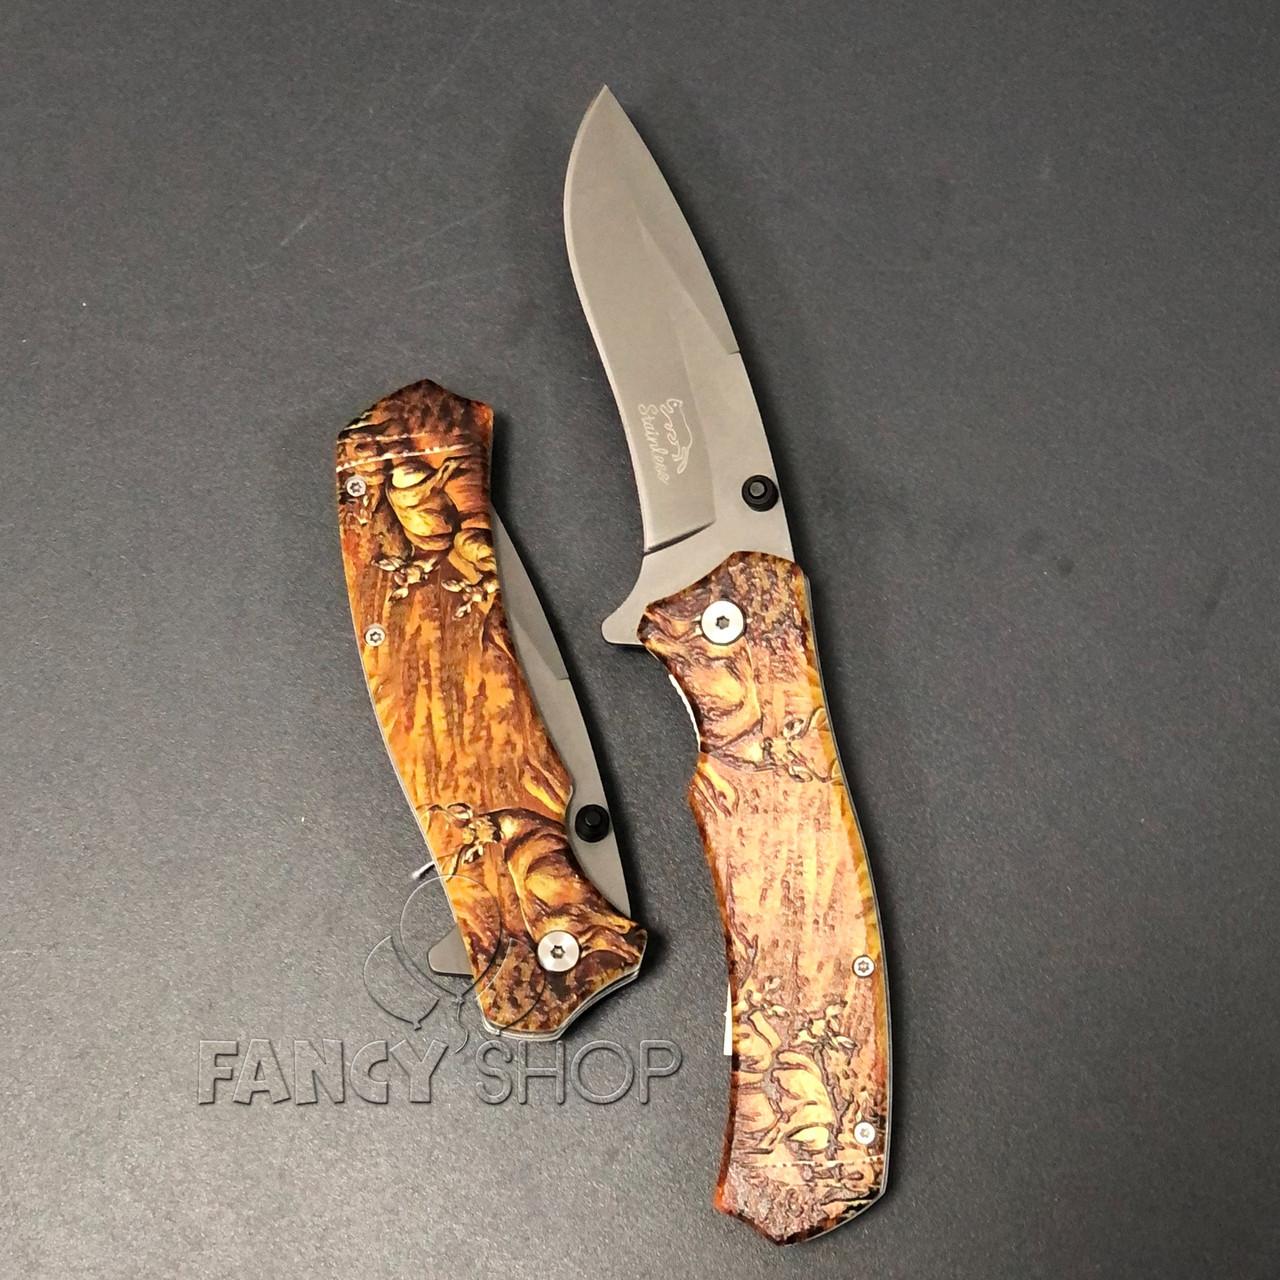 """Ніж складний """"Stainless Олень"""", 21.5 см, Нож складной """"Stainless"""""""